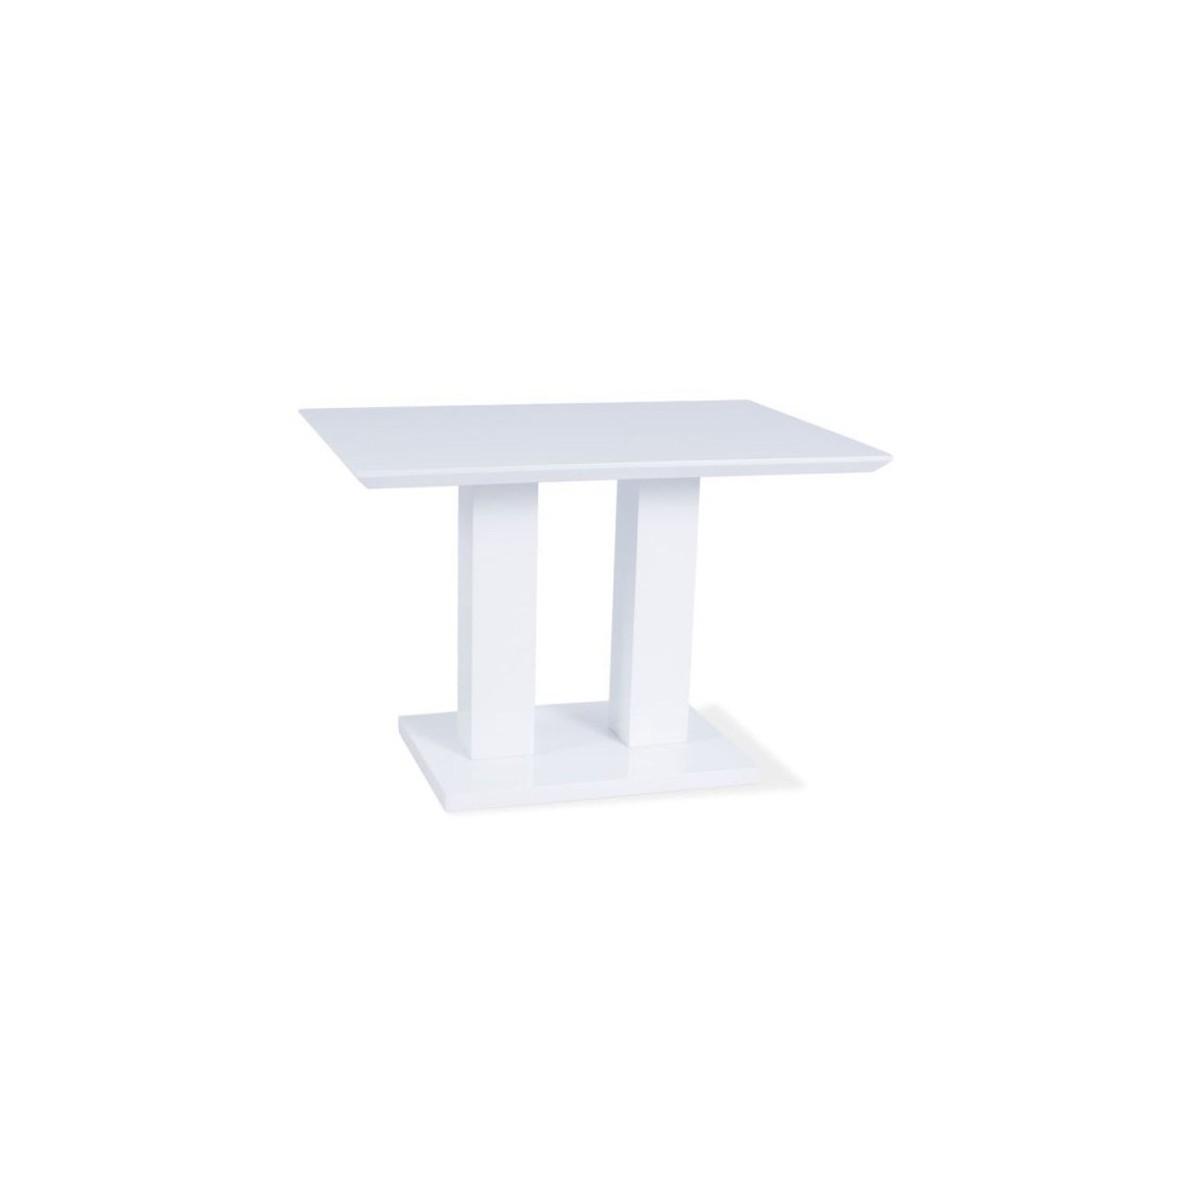 Stół Tower biały 110x75